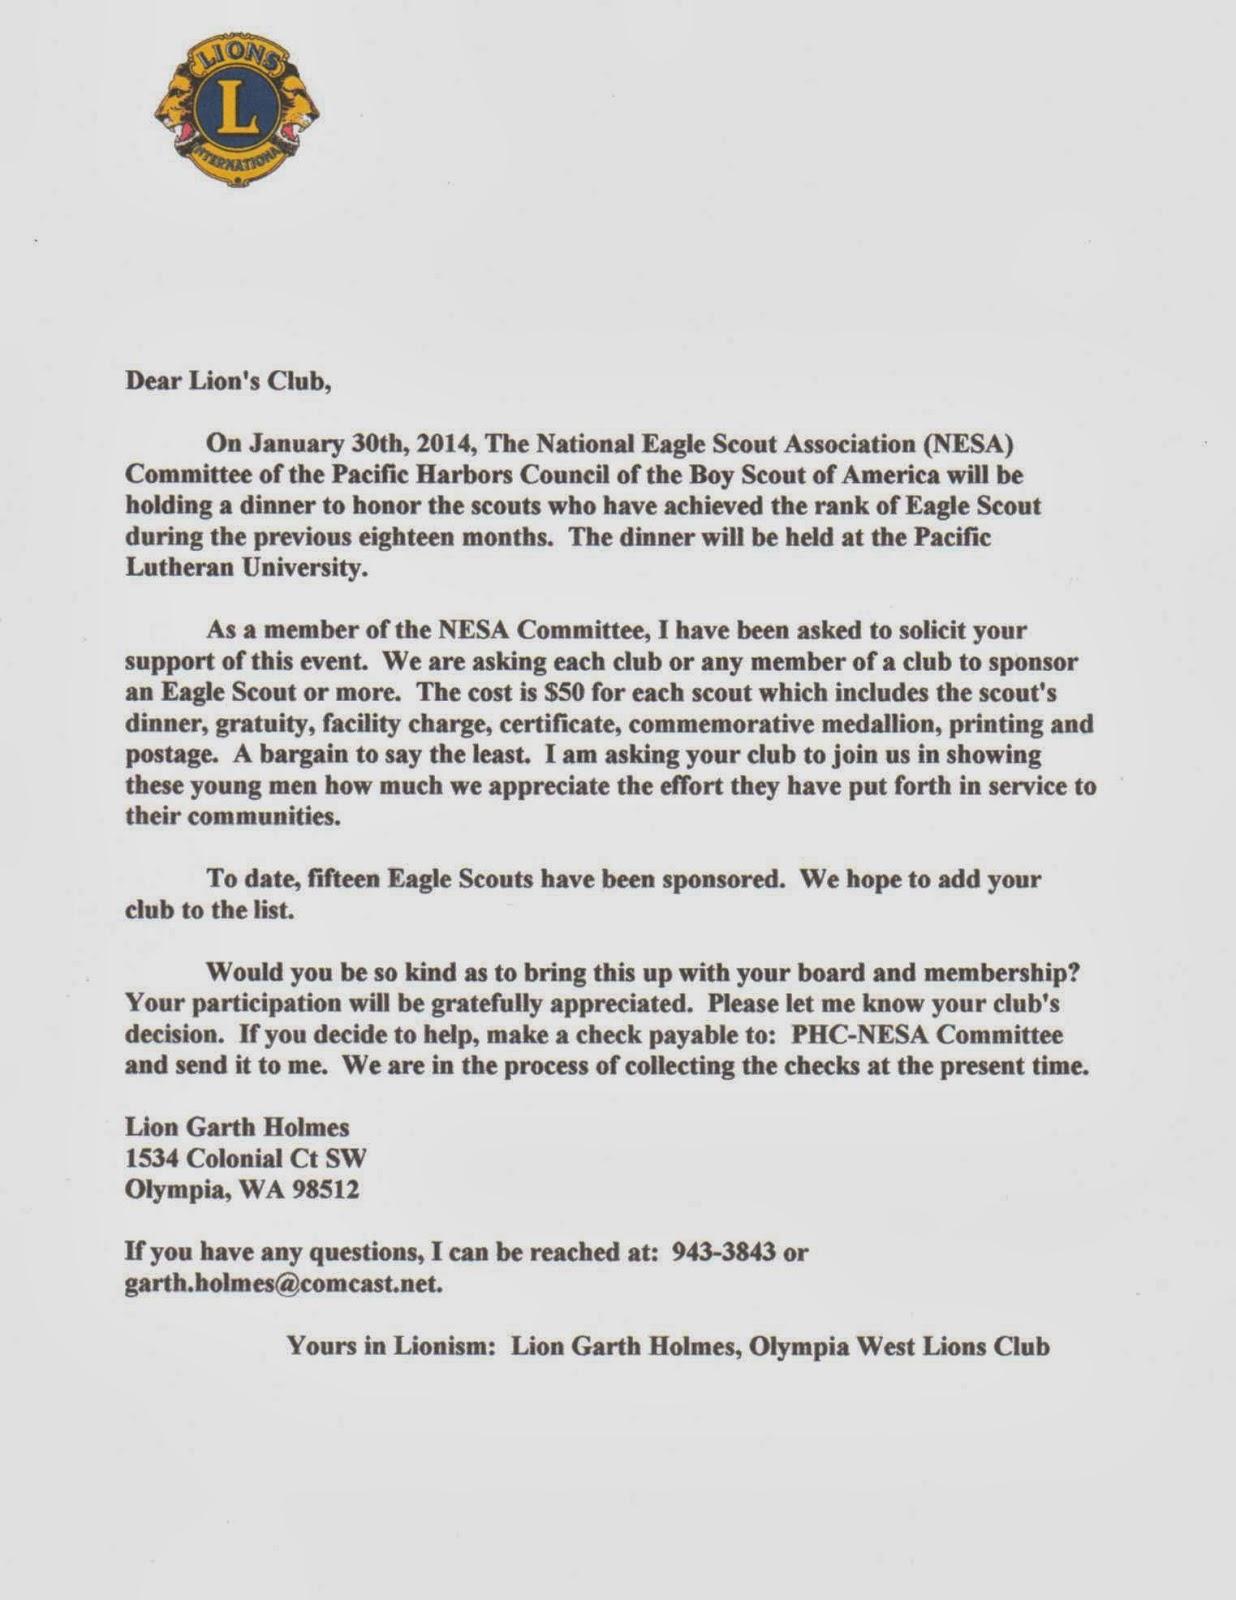 Rainier Lions Club Eagle Scout Sponsor Letter